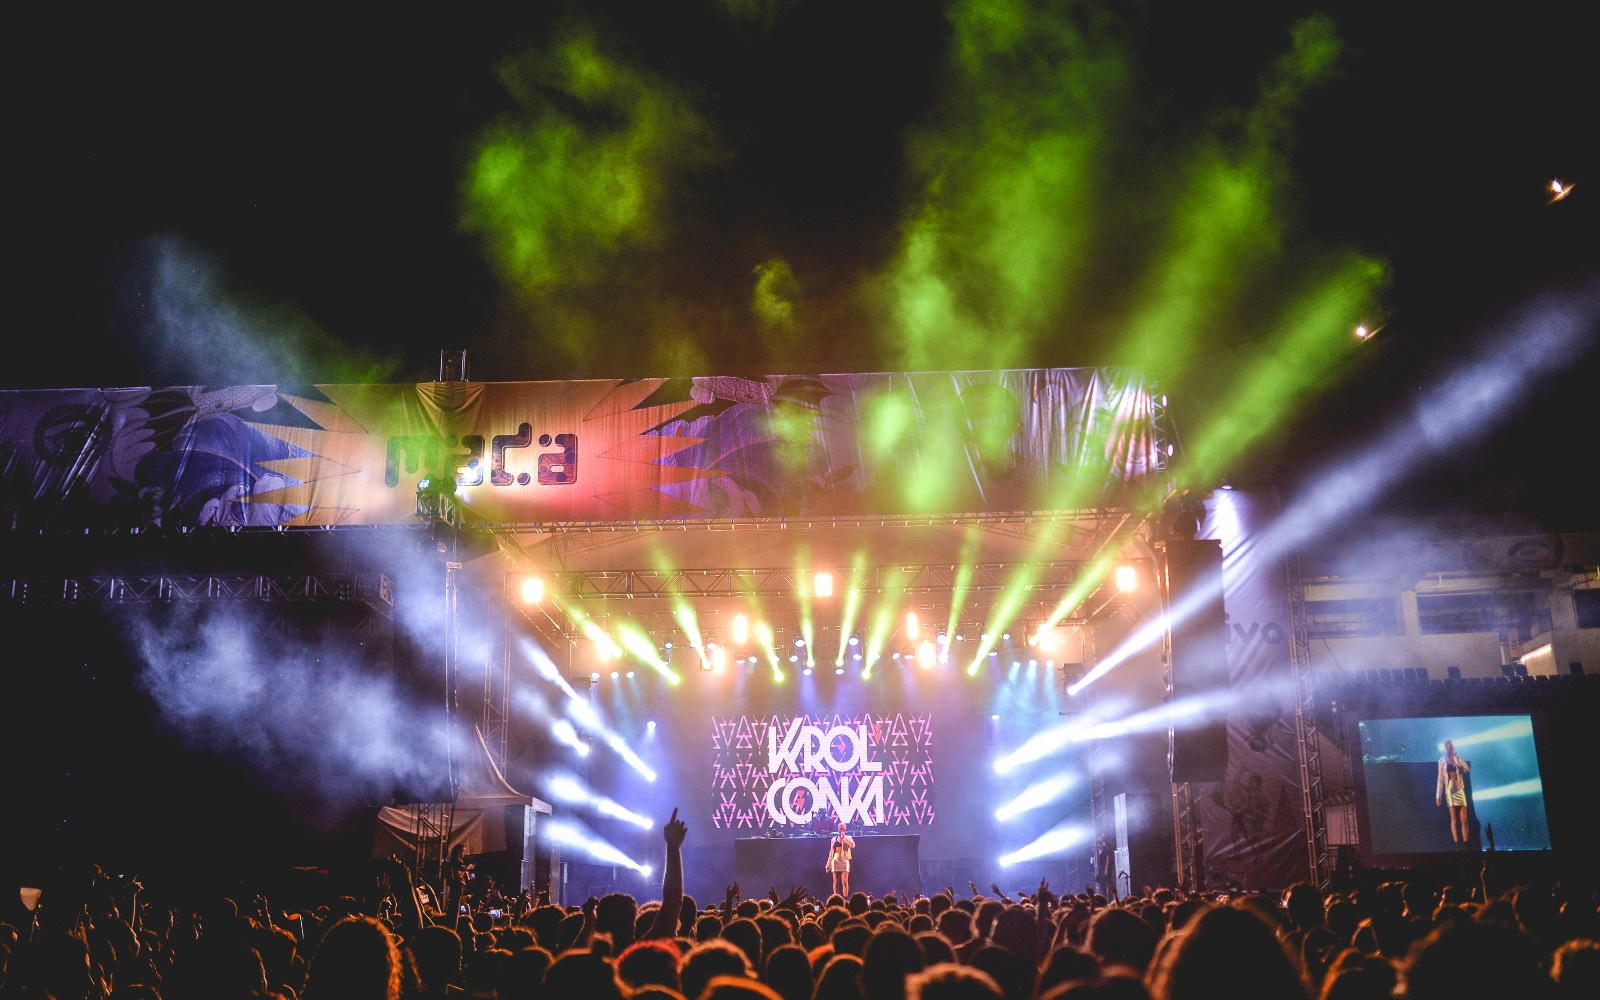 Pulso Entrevista: diretor do MADA fala sobre os 20 anos do festival